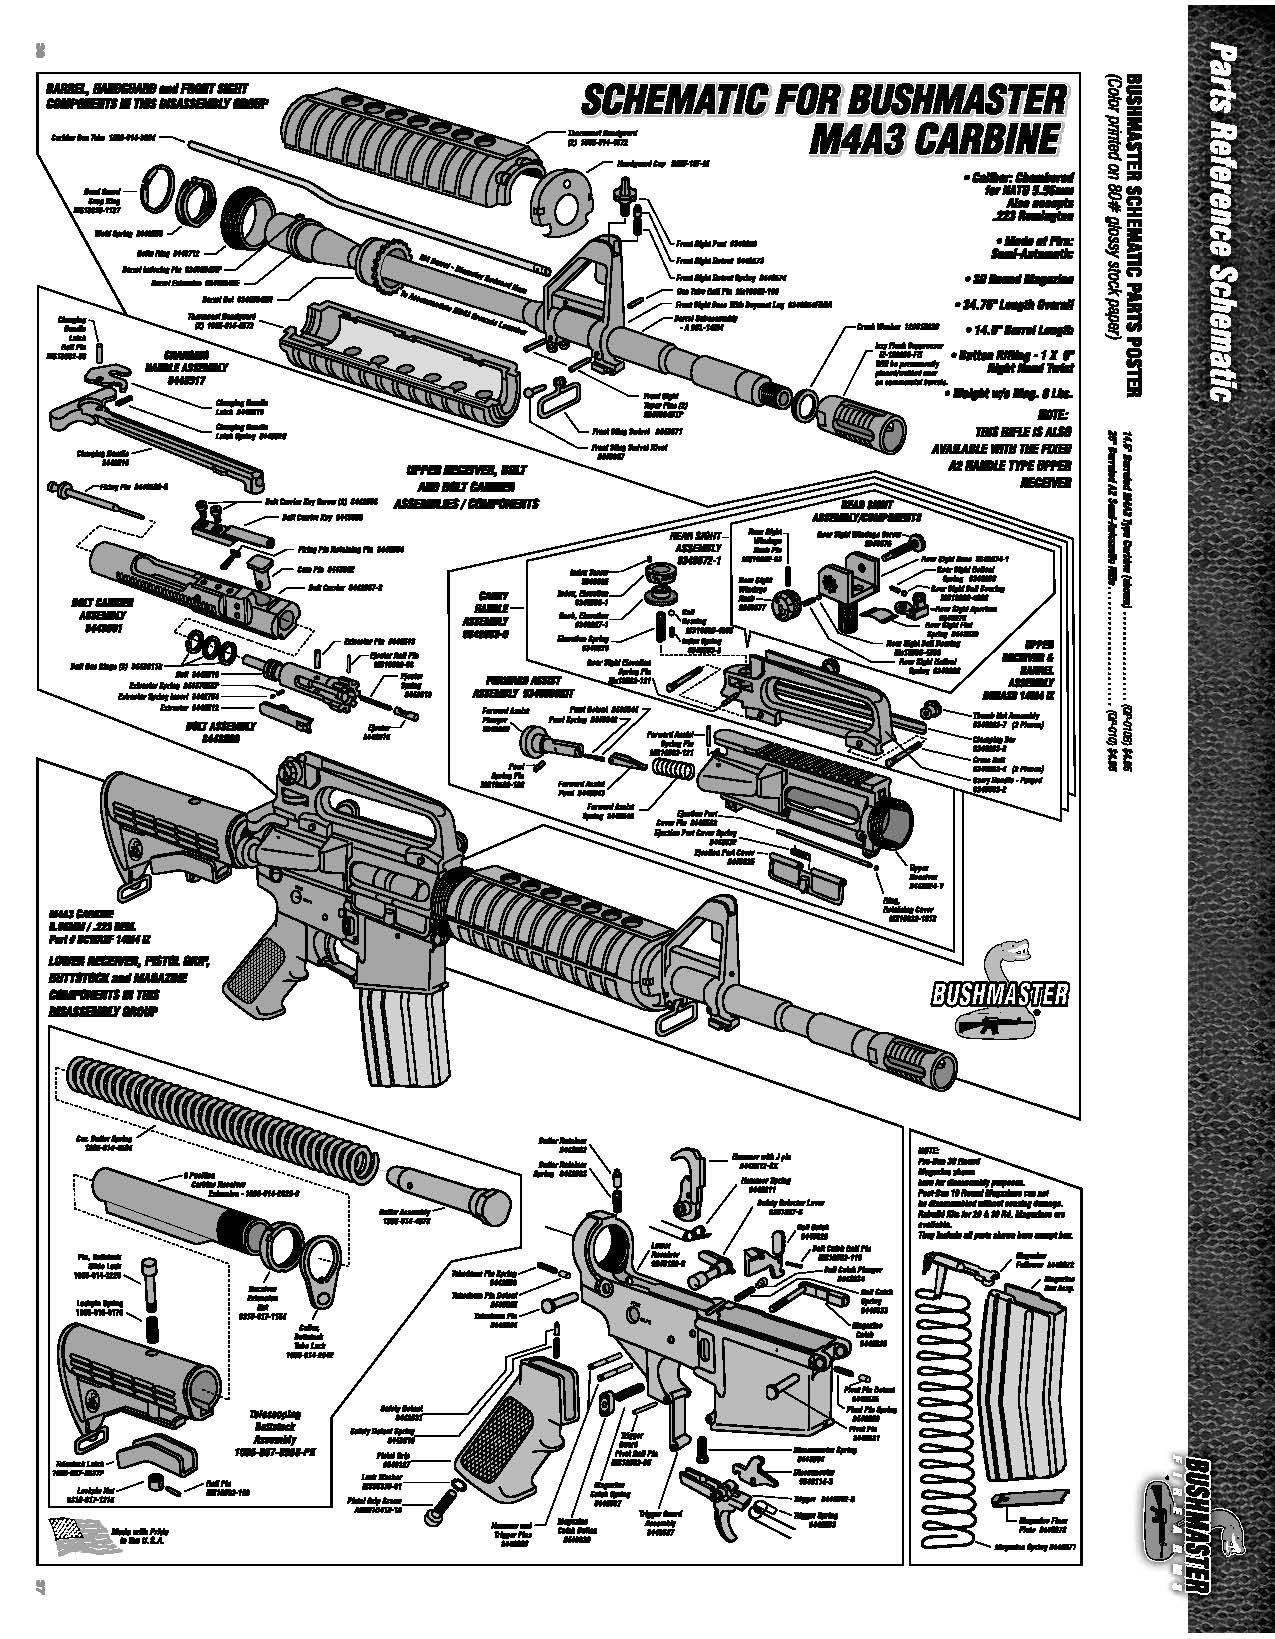 Ar Parts Diagram : parts, diagram, Firearms